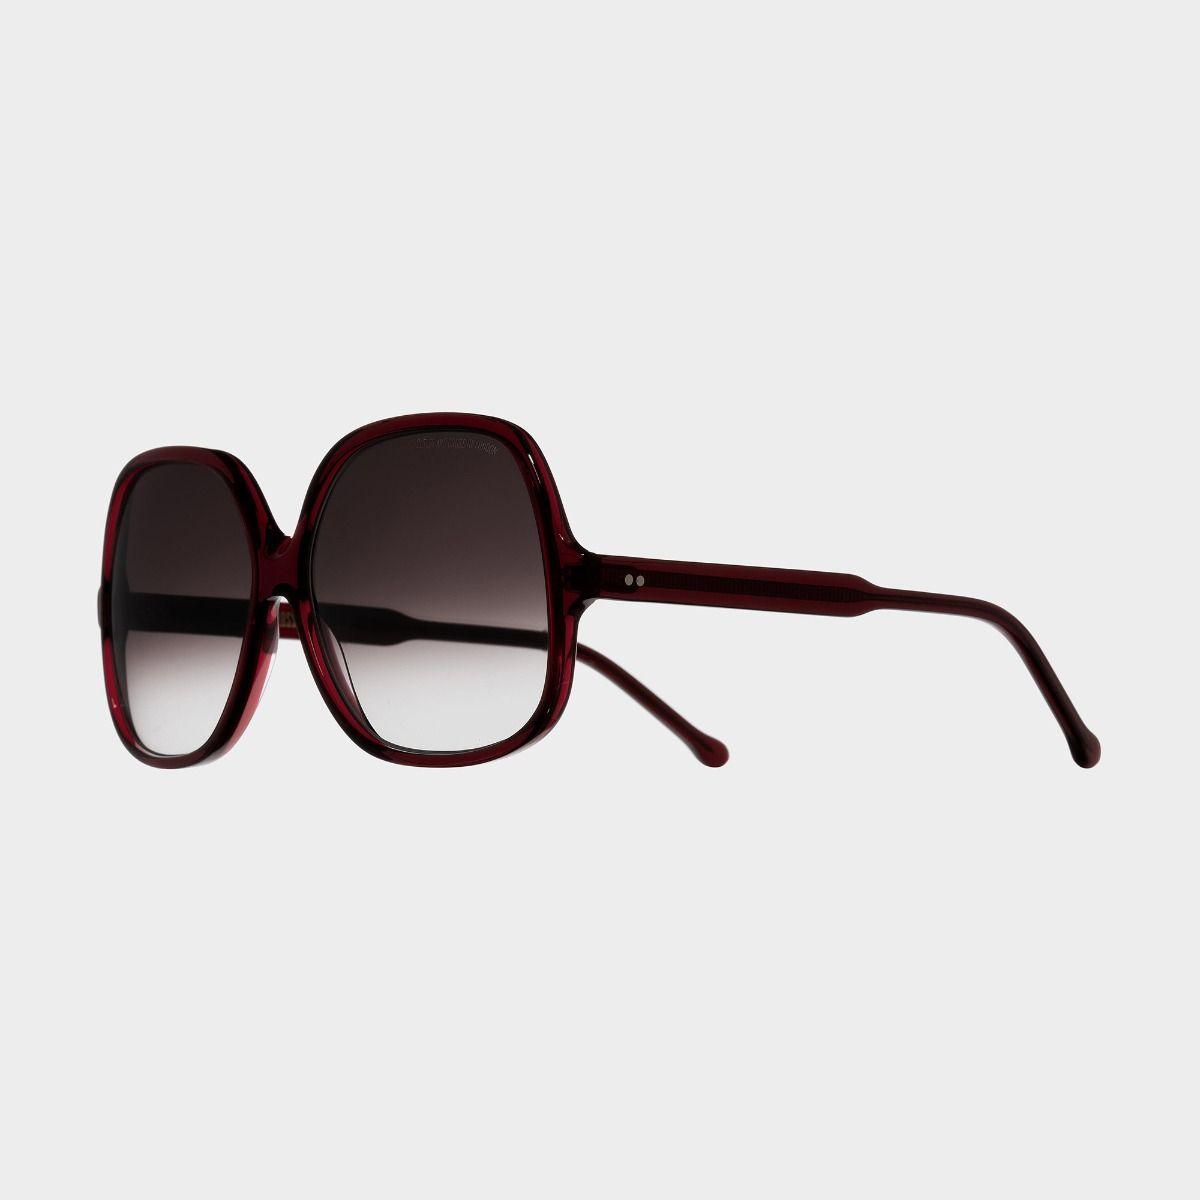 0811 Square Sunglasses